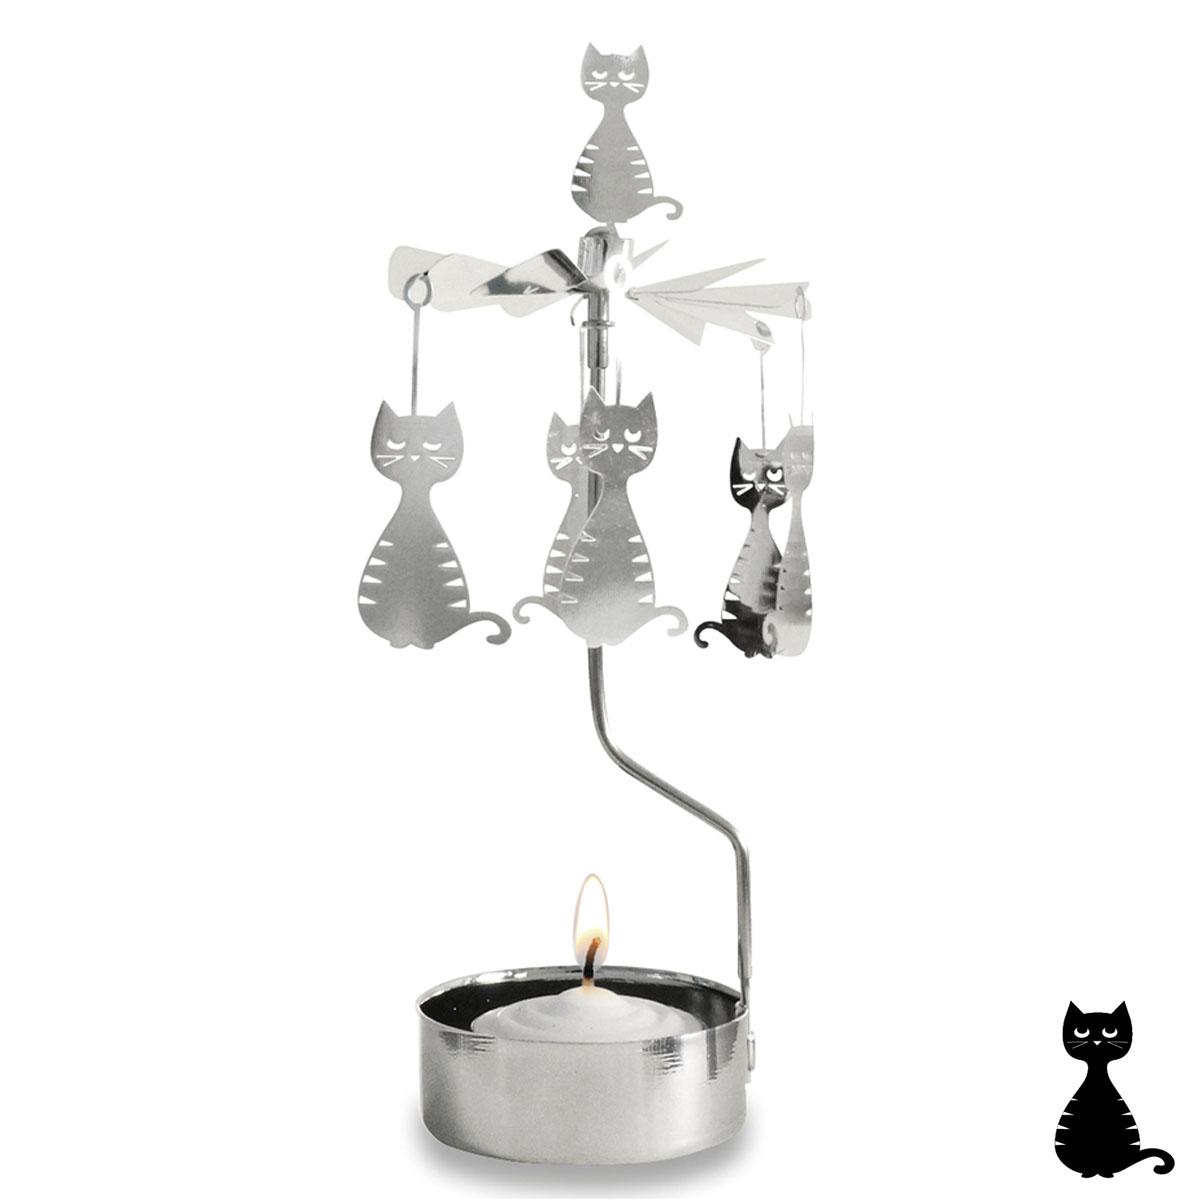 Bougeoir carrousel métal \'Chats\' argenté - 16x65 cm - [R0552]